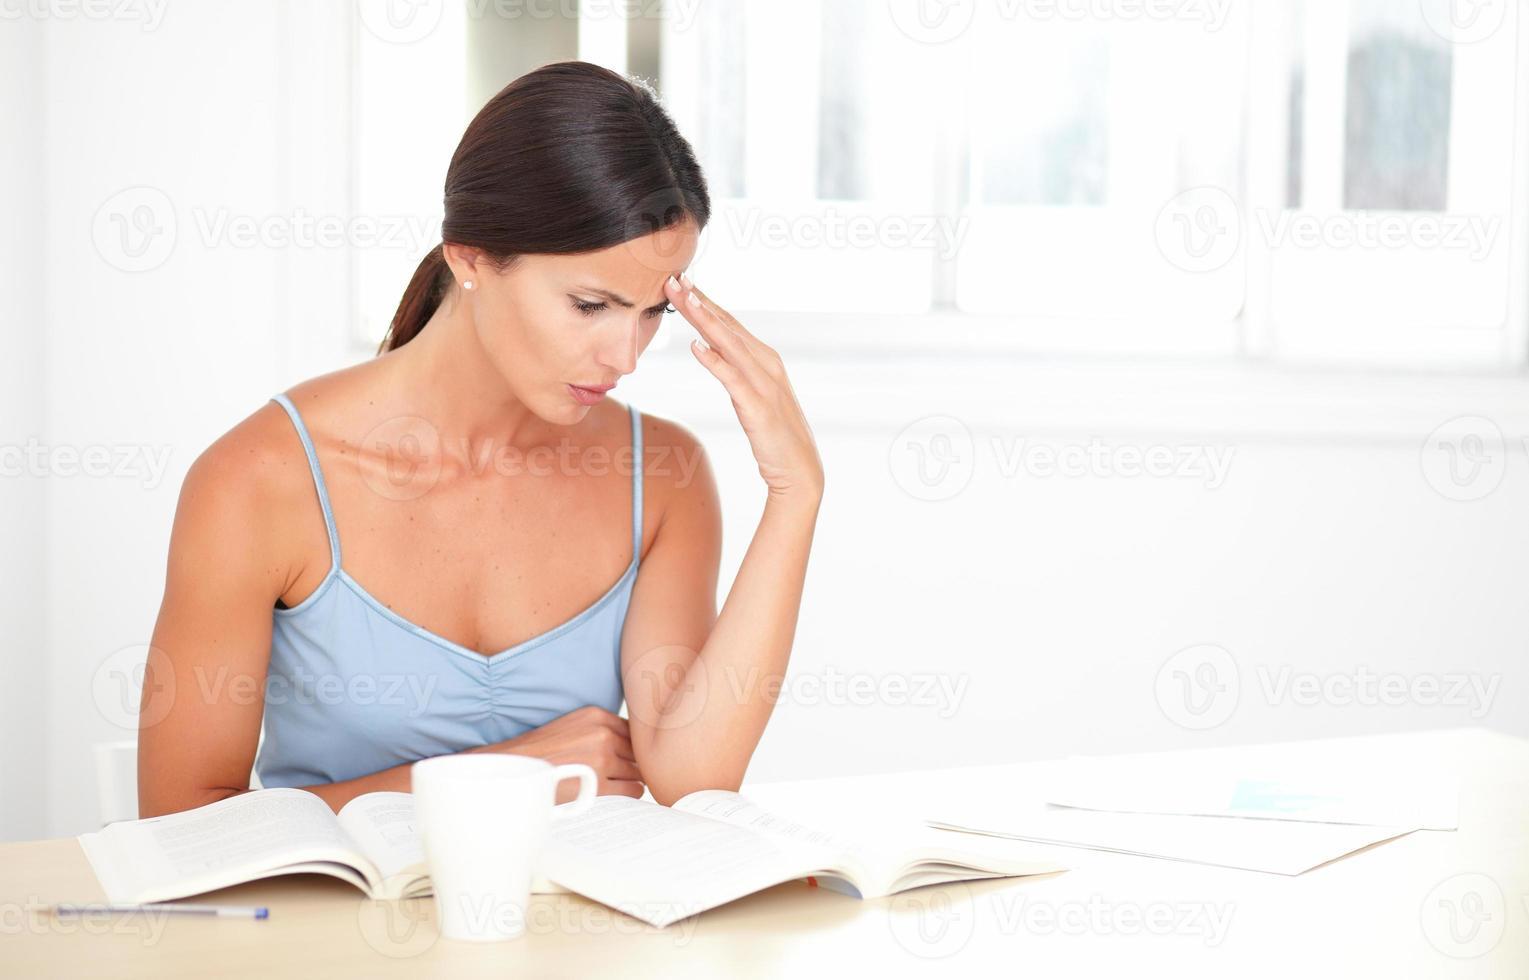 vacker kvinna som koncentrerar sig på att läsa böcker foto